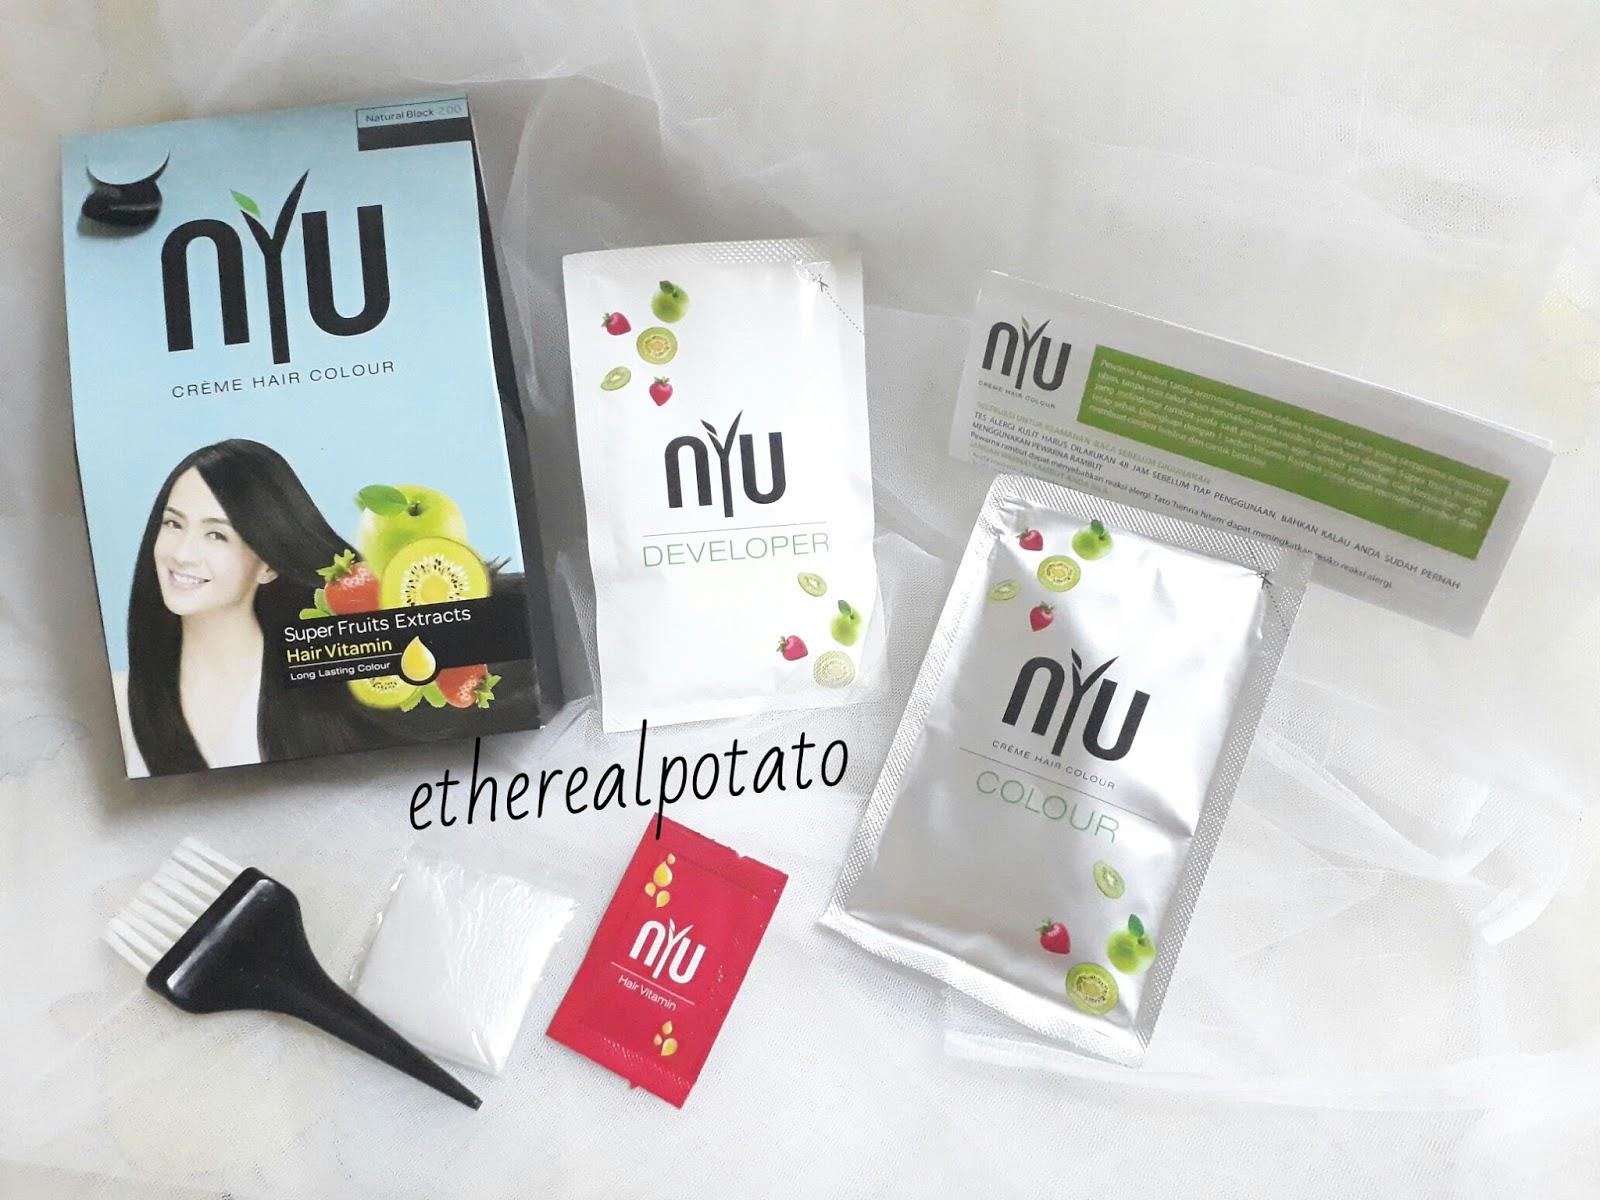 Review Nyu Creme Hair Colour Ethereal Potato Ellen Lim Sisir Cat Semir Rambut Mulai Dari 30ml Developer Sarung Tangan Net Contents Bahkan Vitamin Loh